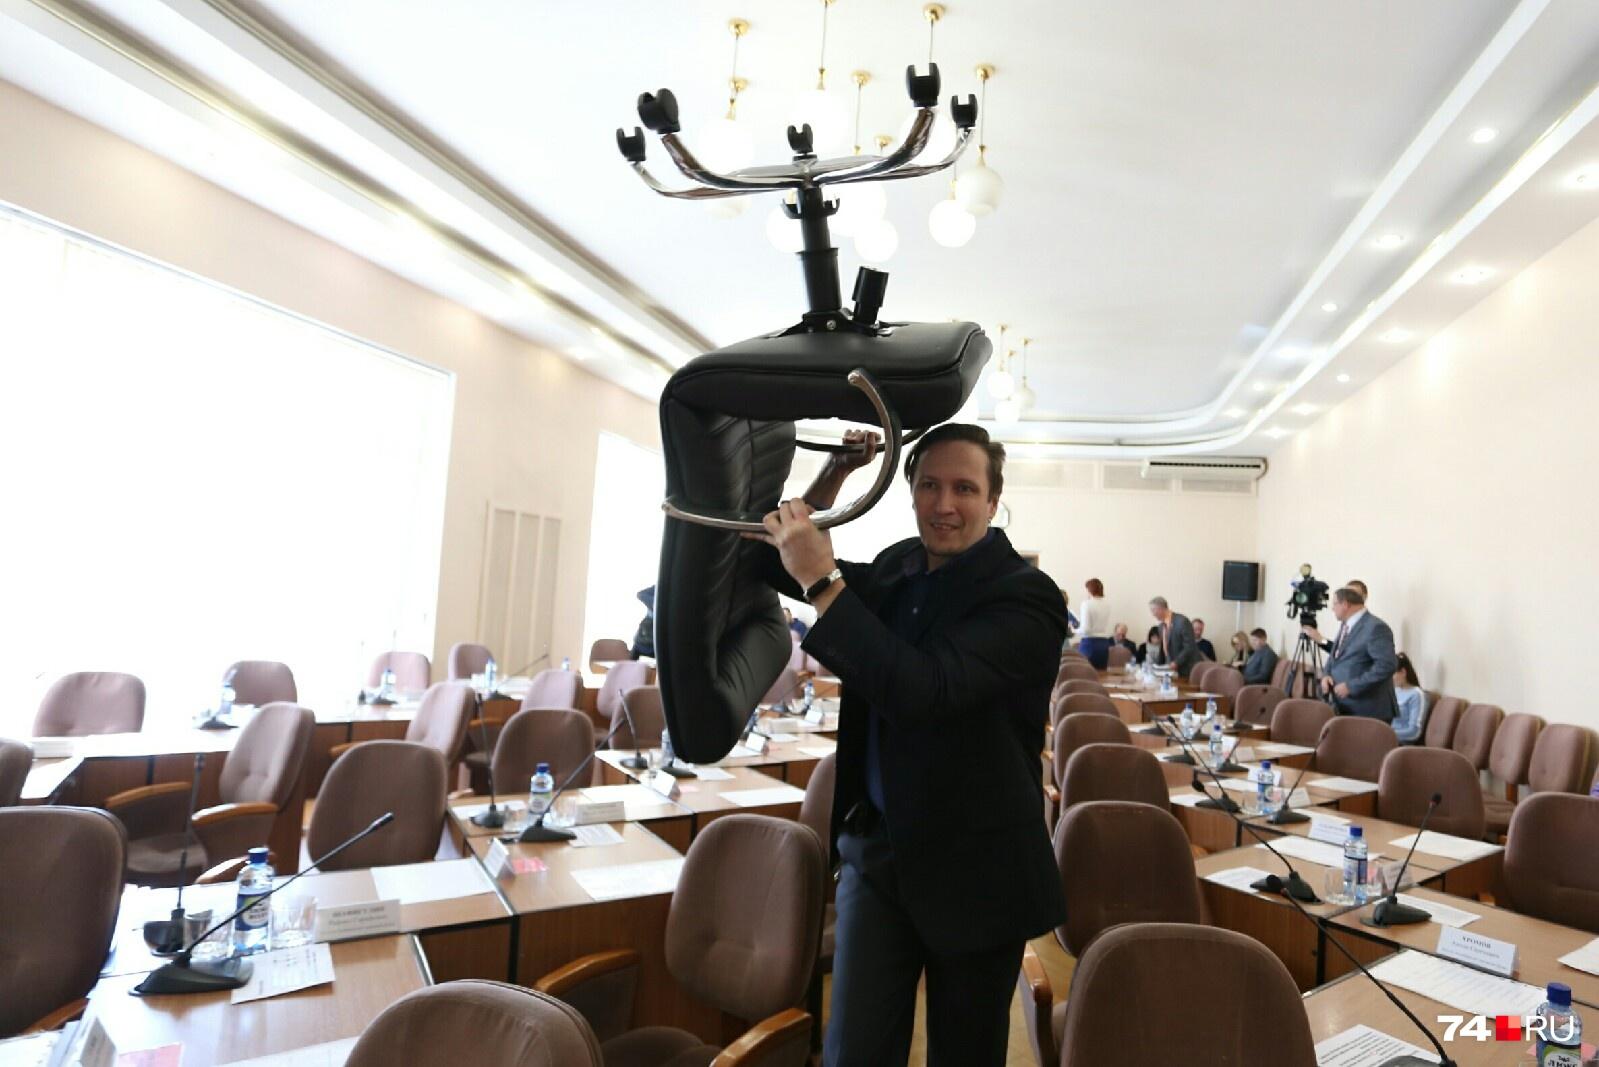 В зал заседаний заносят дополнительные стулья